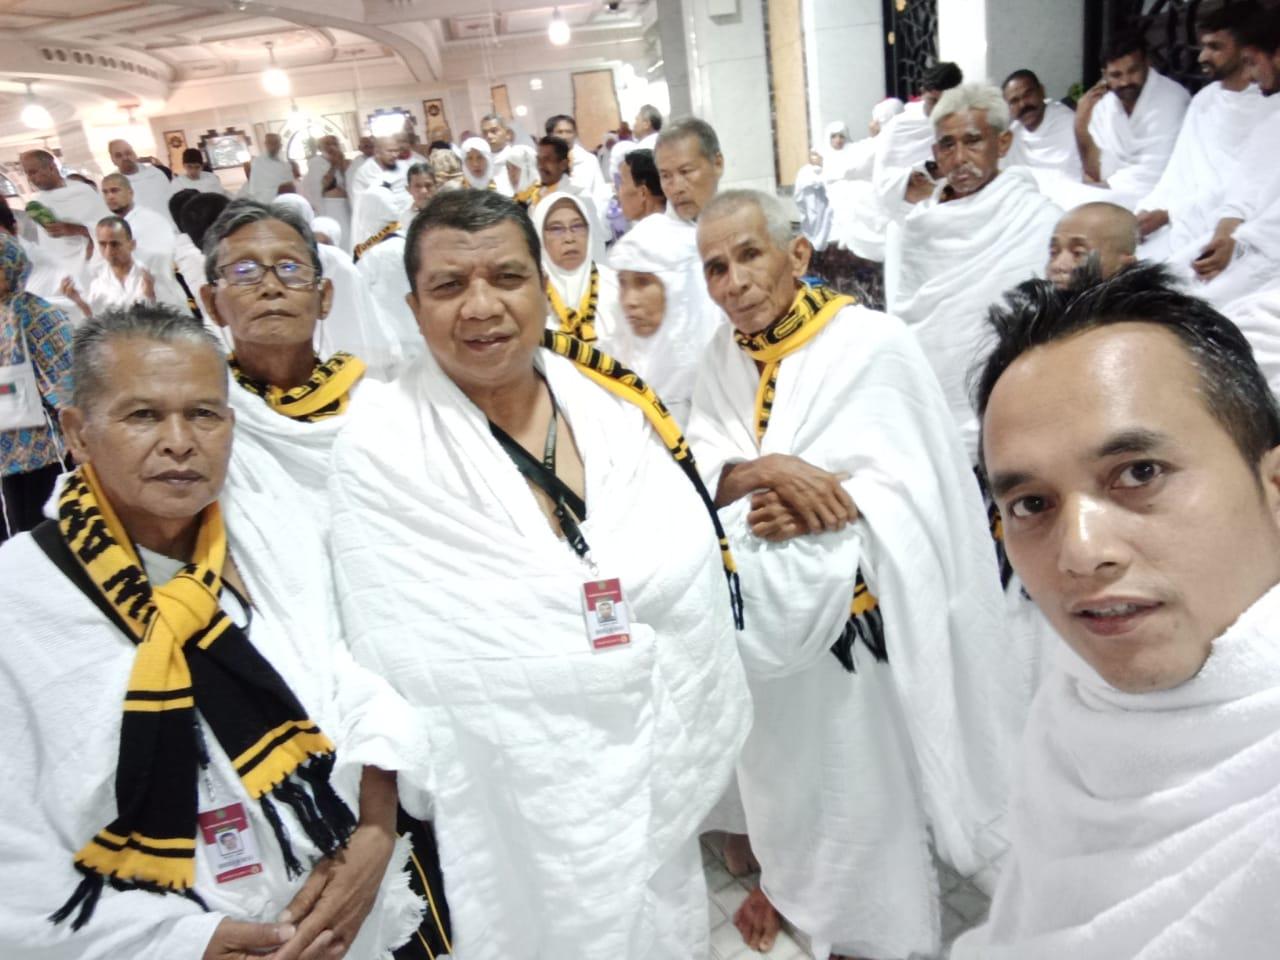 Bisnis Umroh HAji dengan mendirikan bisnis Umroh sebagai Travel Umroh Haji berbadan usaha sendiri